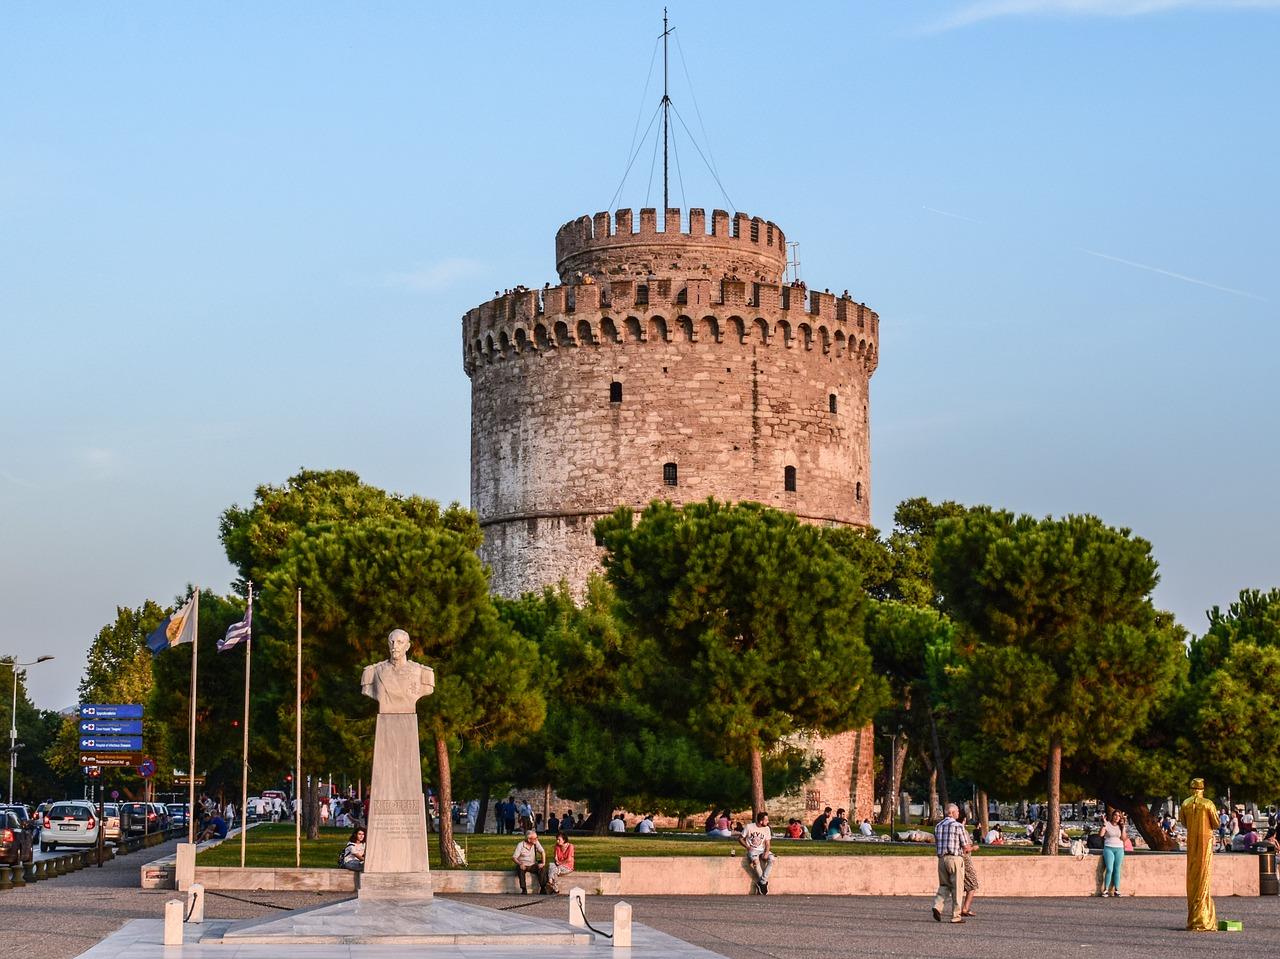 Θεσσαλονίκη: 13.693 έλεγχοι και 692 συλλήψεις σε 7 επτά μήνες από το τμήμα Περιπολιών